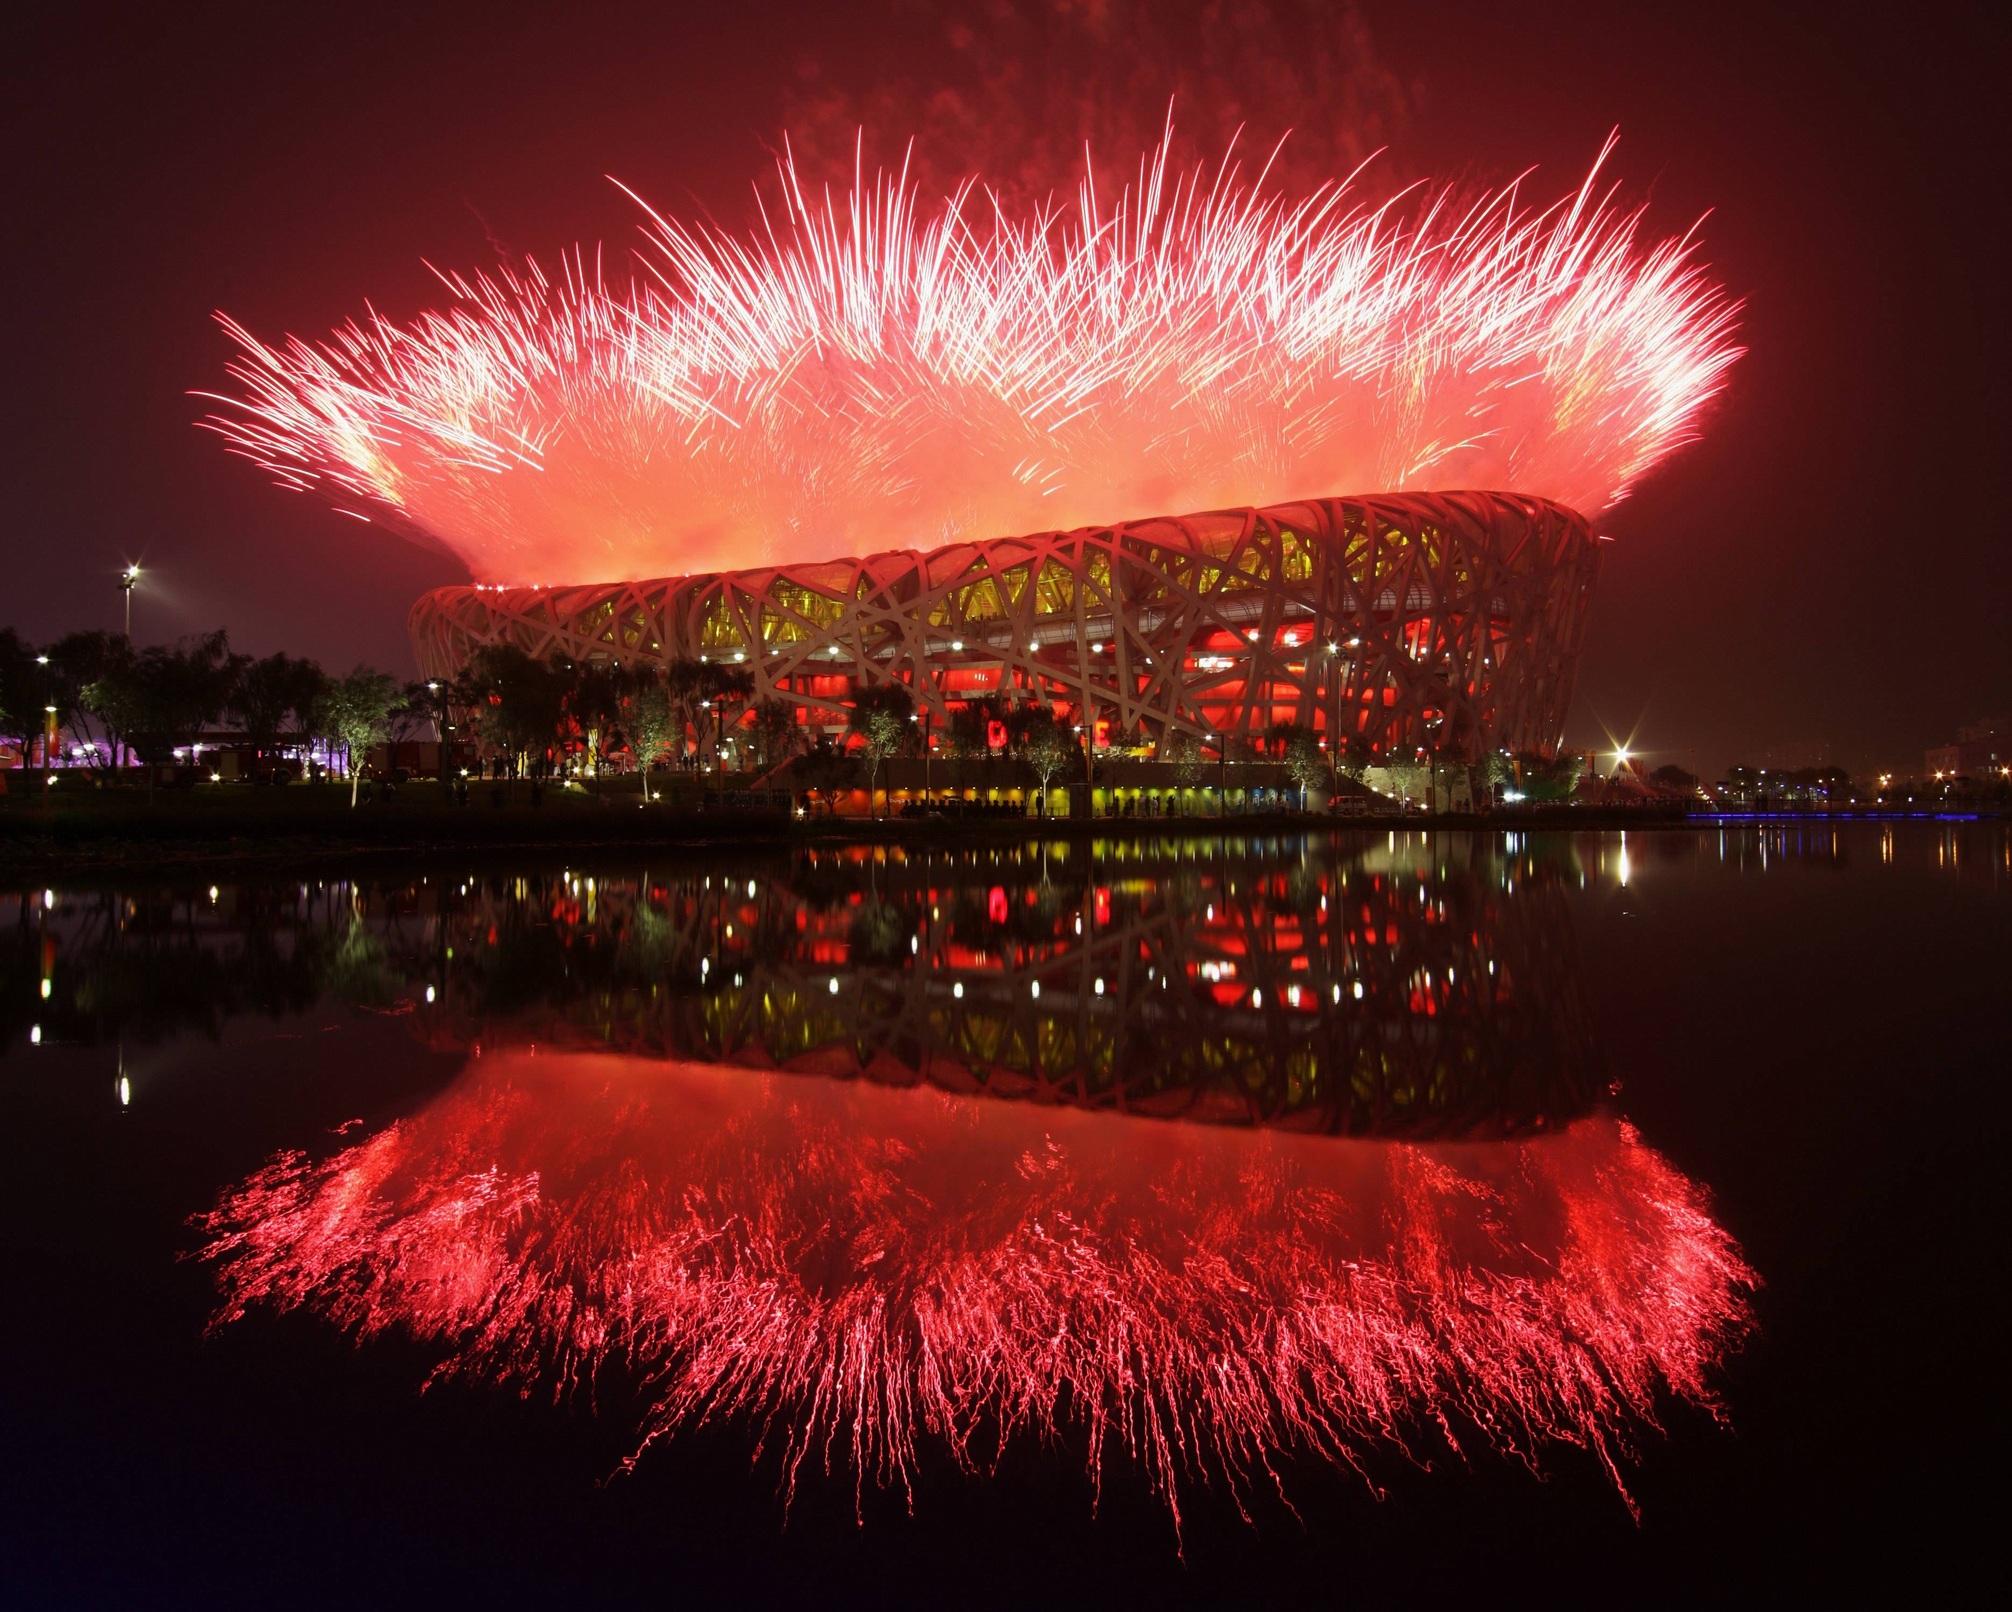 Открытие Олимпийских игр-2008 проходило на Пекинском стадионе